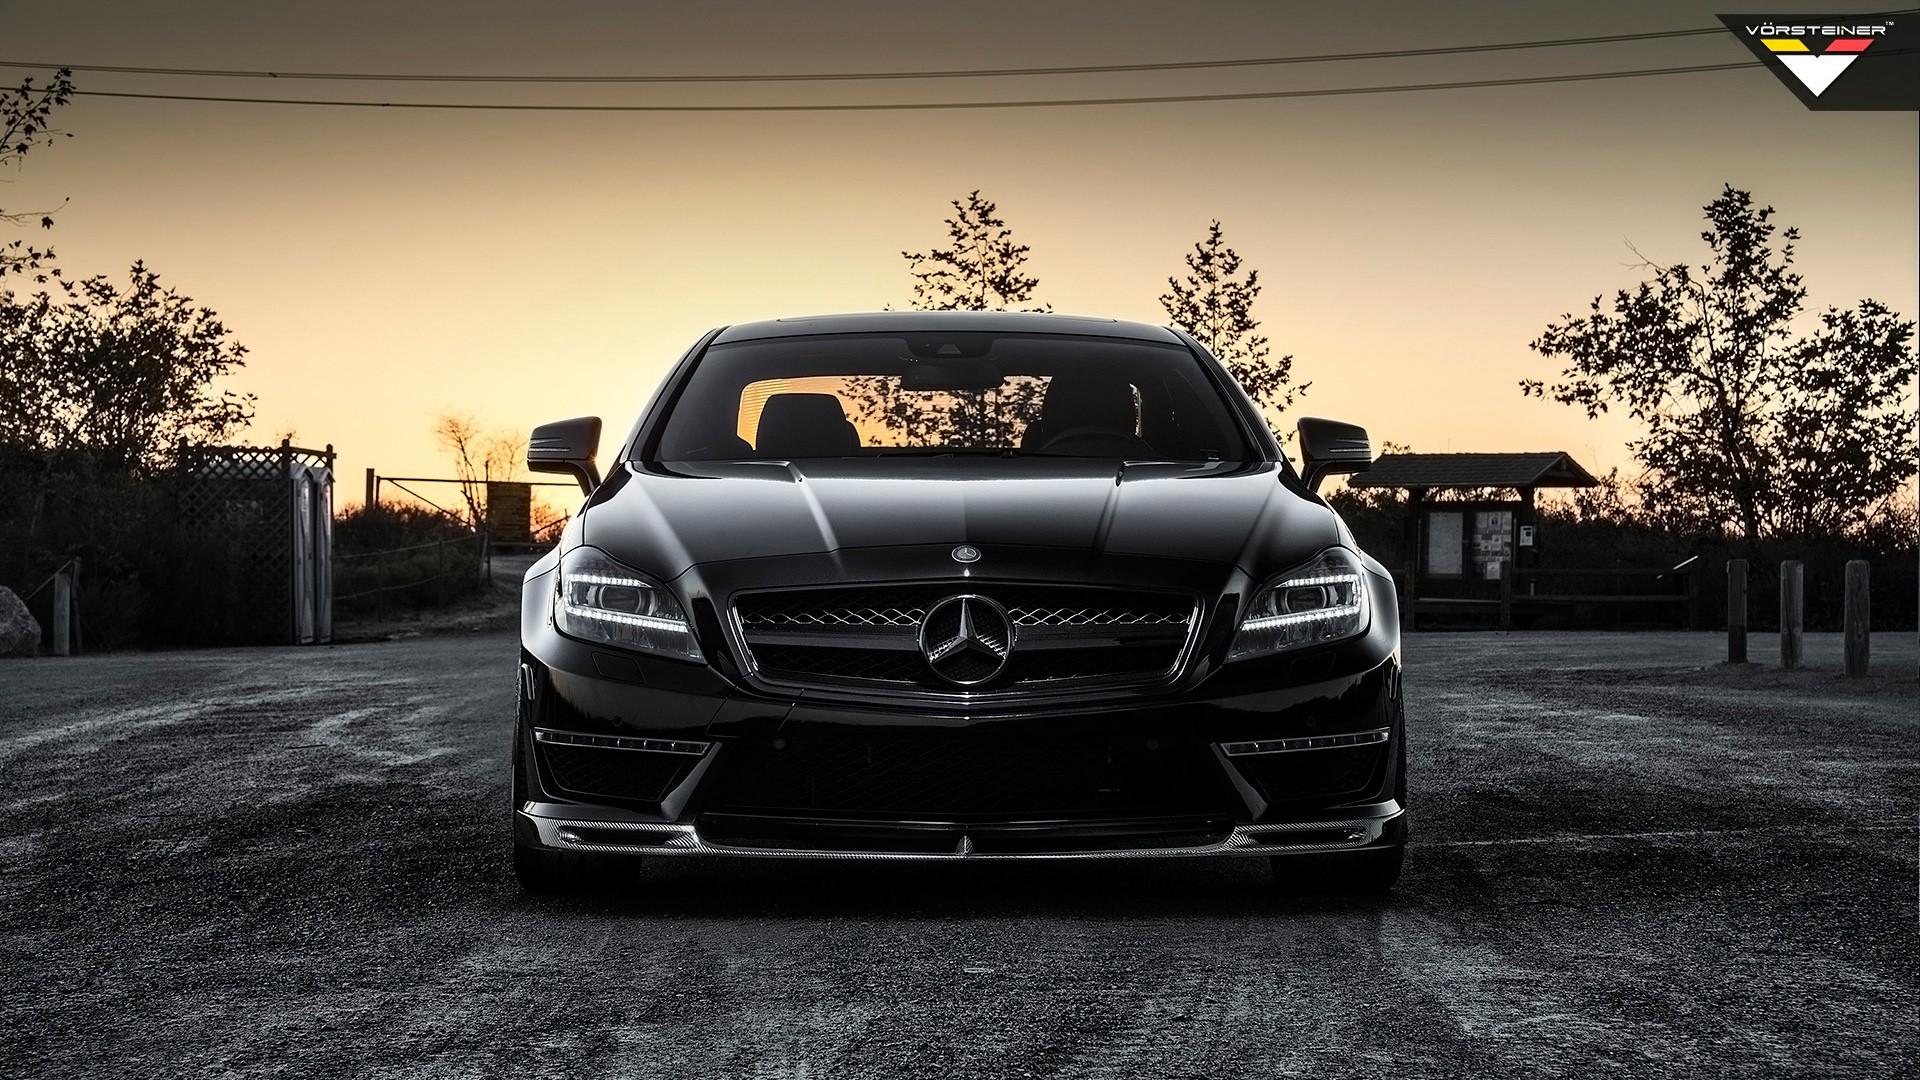 2014 Mercedes Benz Cls63 Amg By Vorsteiner Wallpaper Hd